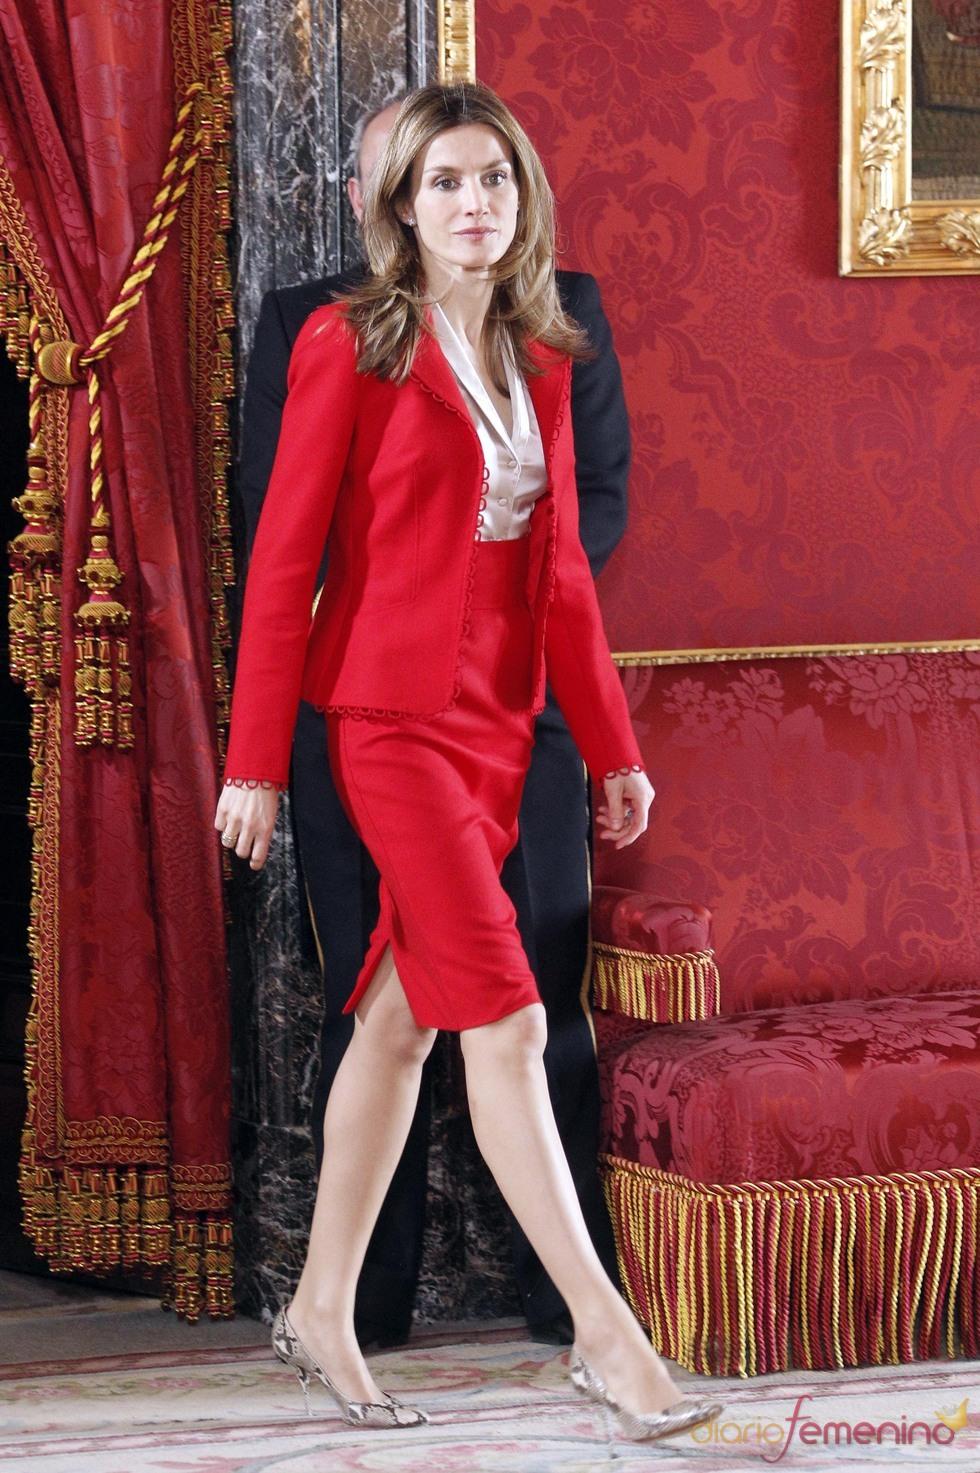 La Princesa Letizia con un traje de falda rojo